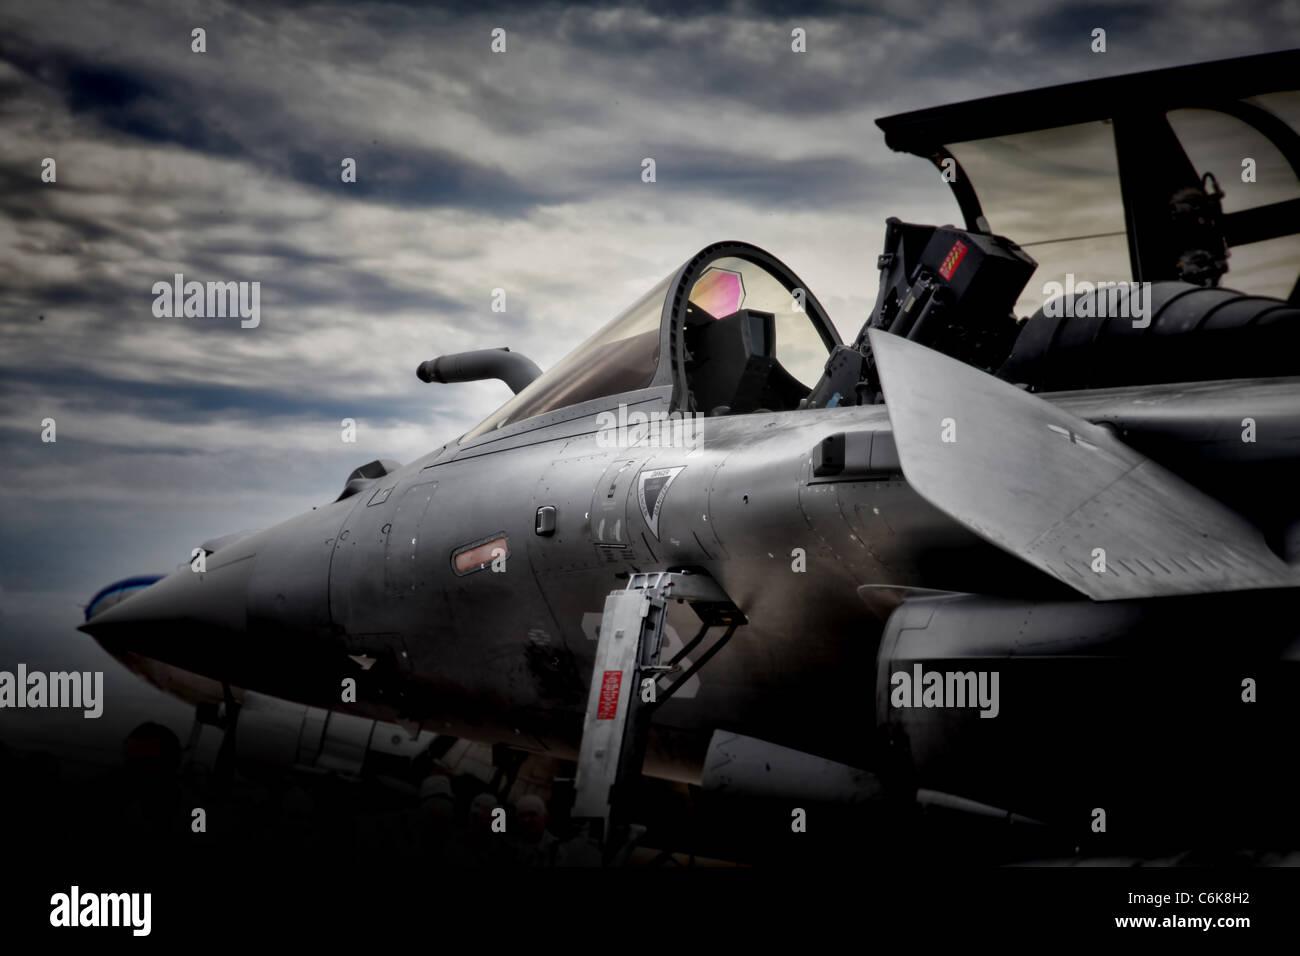 Dassault Rafale Fighter Jet Stock Photo 38532510 Alamy